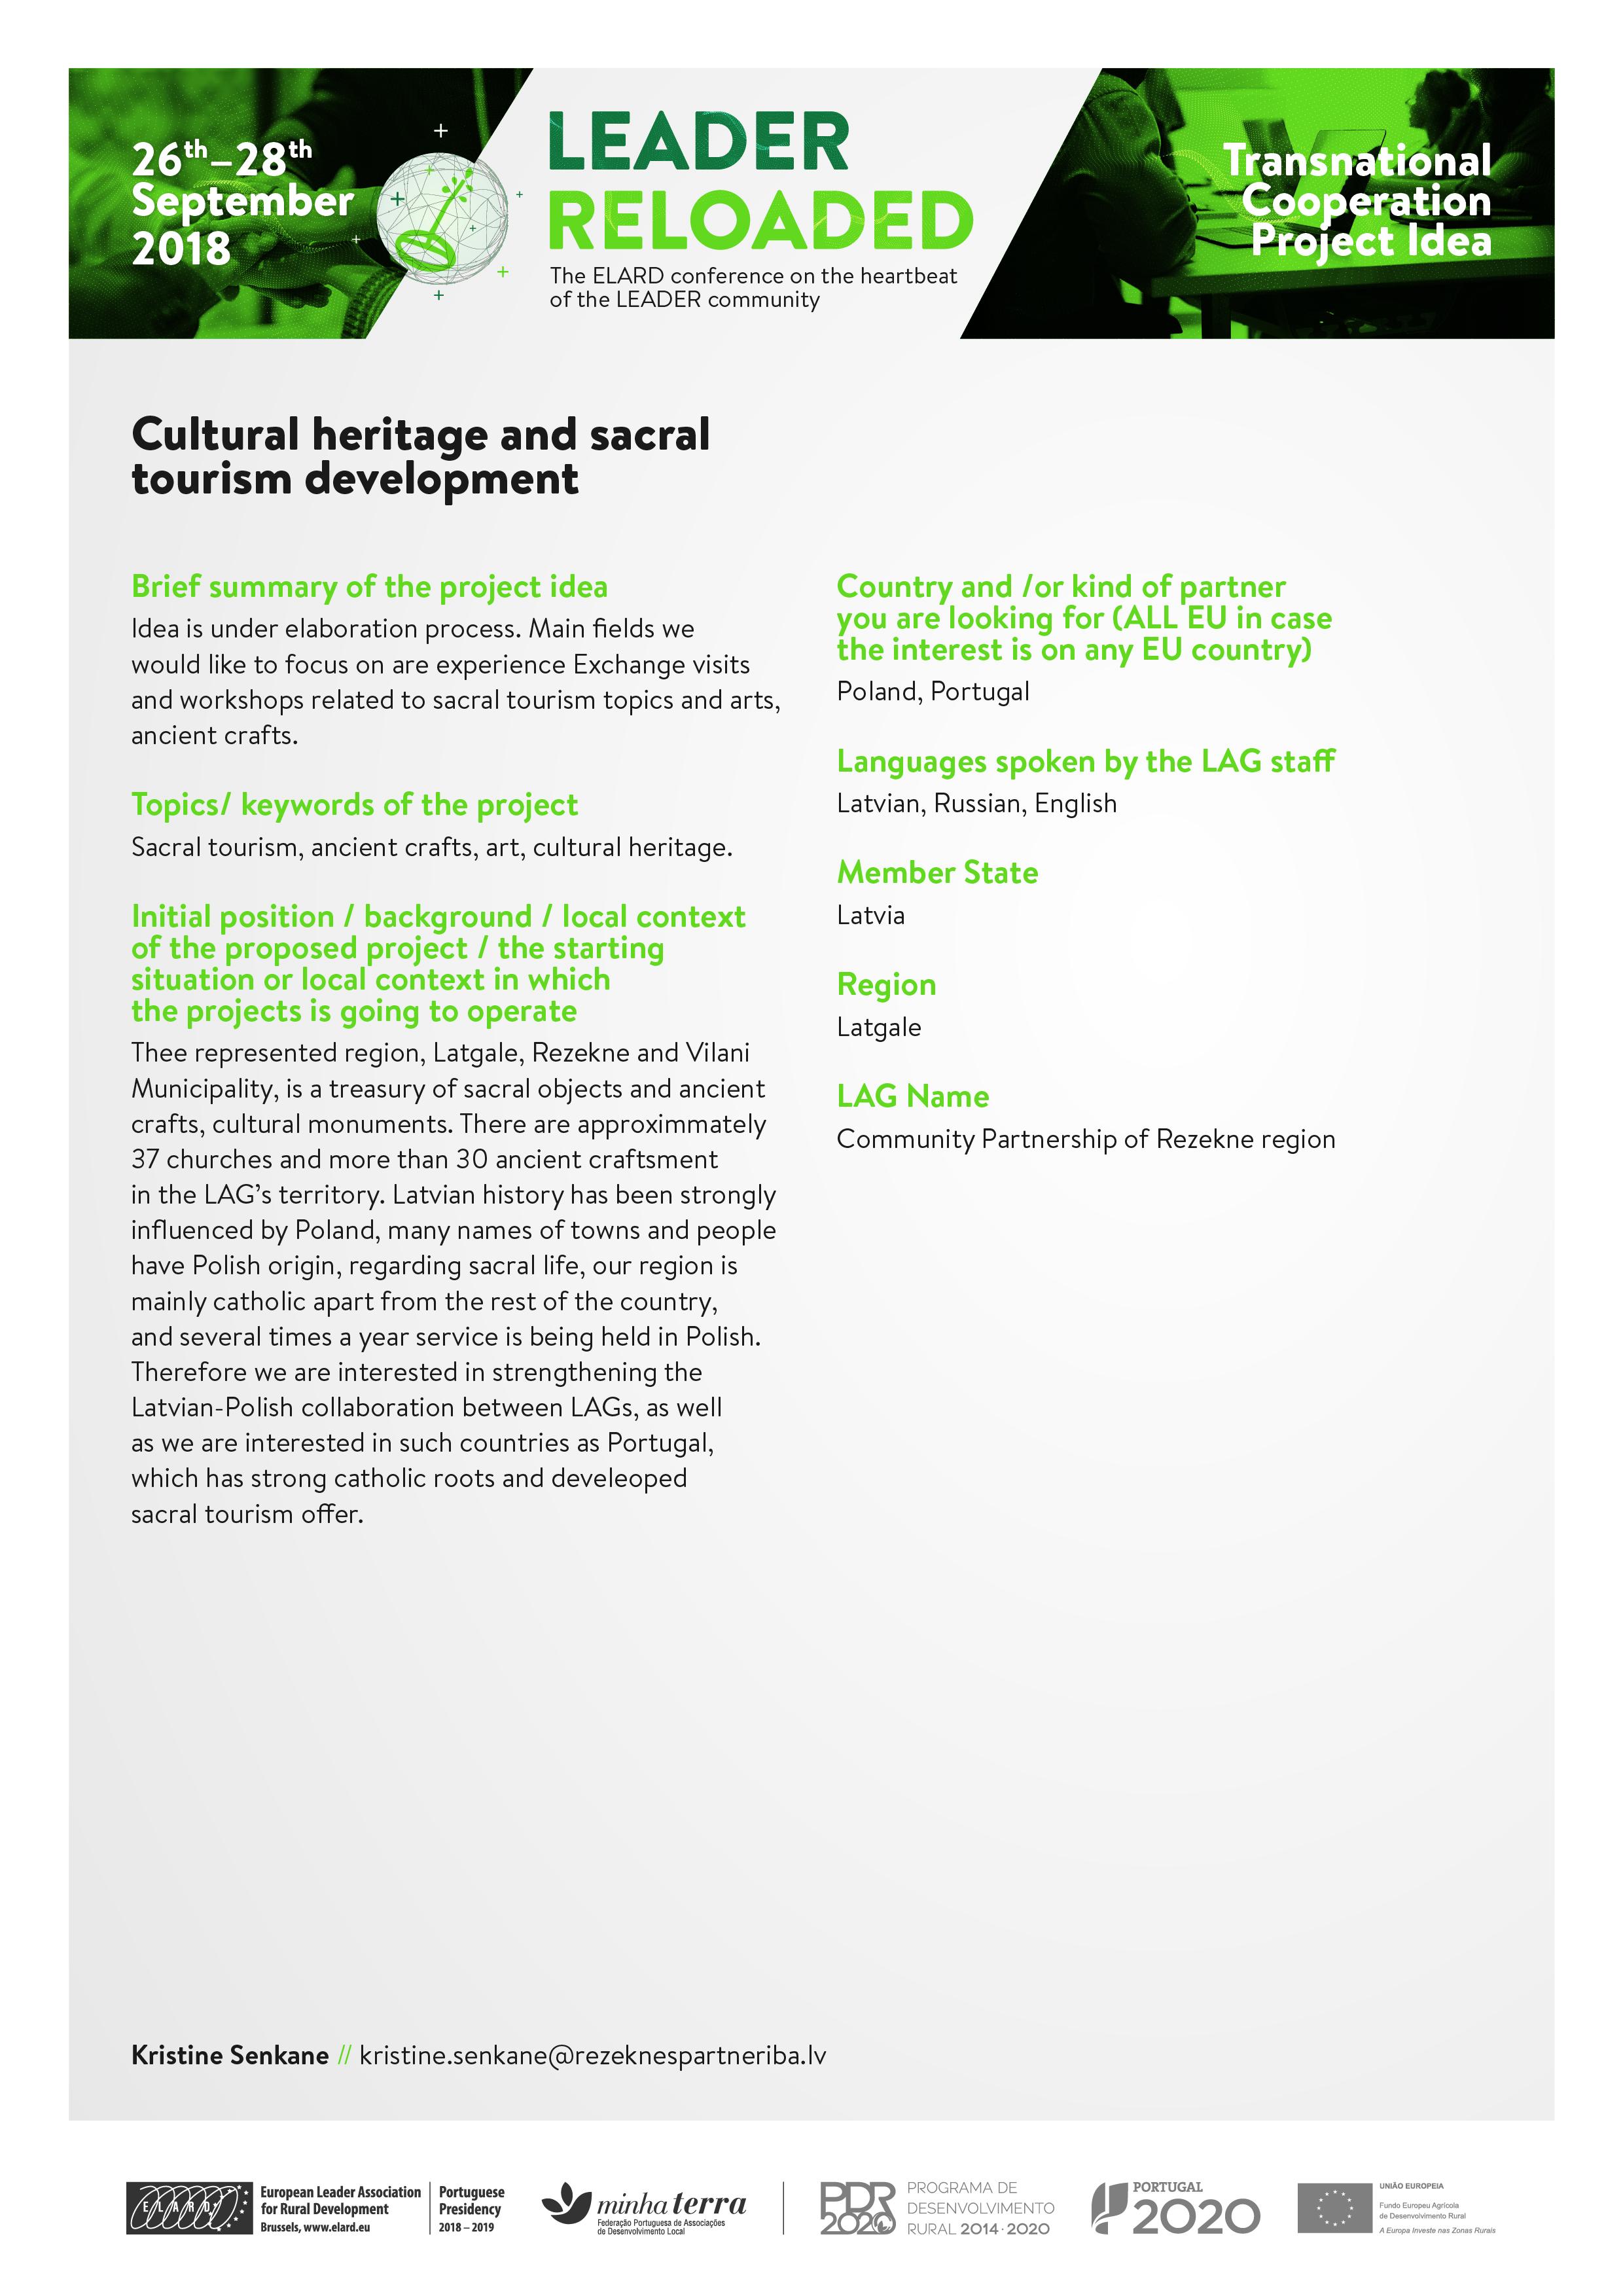 Cultural heritage and sacral tourism development - LEADER